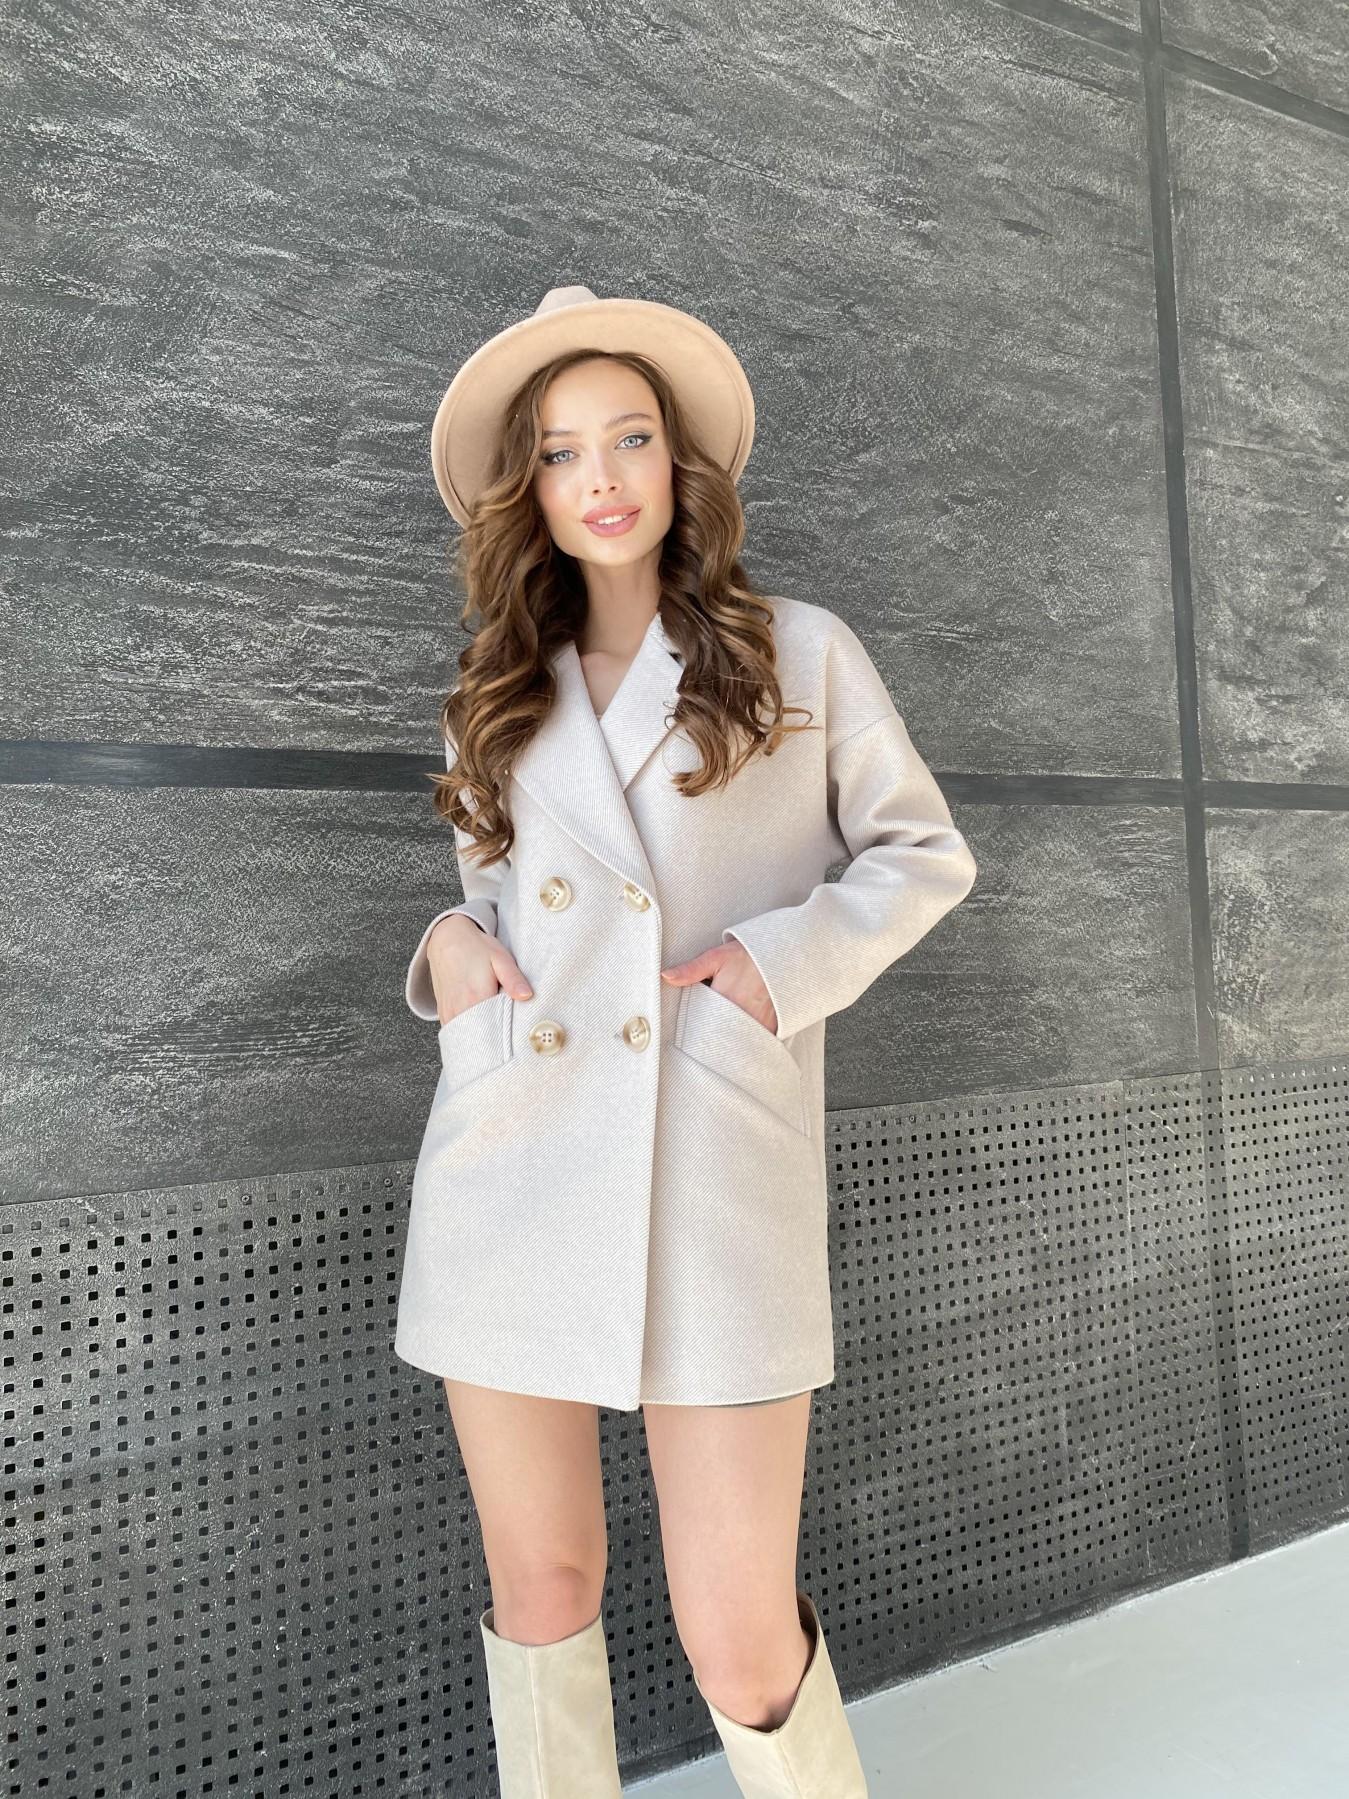 Бонд Диагональ пальто из пальтовой ткани  10757 АРТ. 47189 Цвет: Бежевый - фото 8, интернет магазин tm-modus.ru